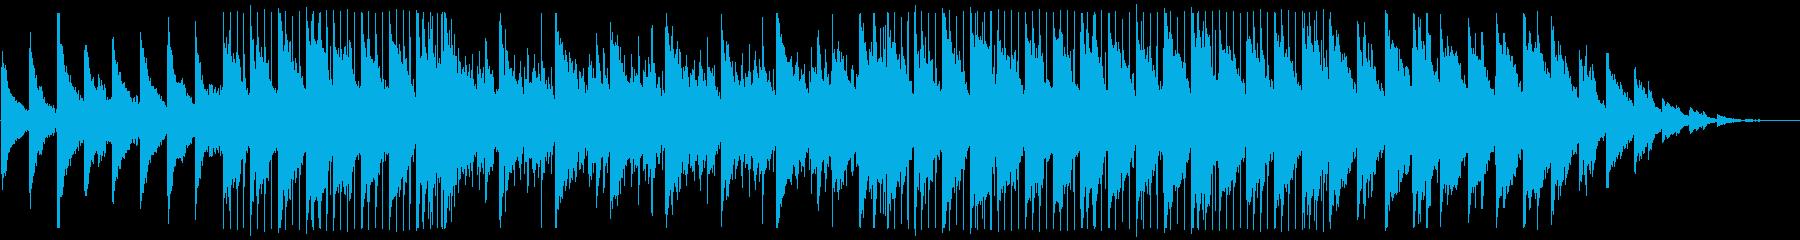 ピアノがキラキラ綺麗なBGM7の再生済みの波形